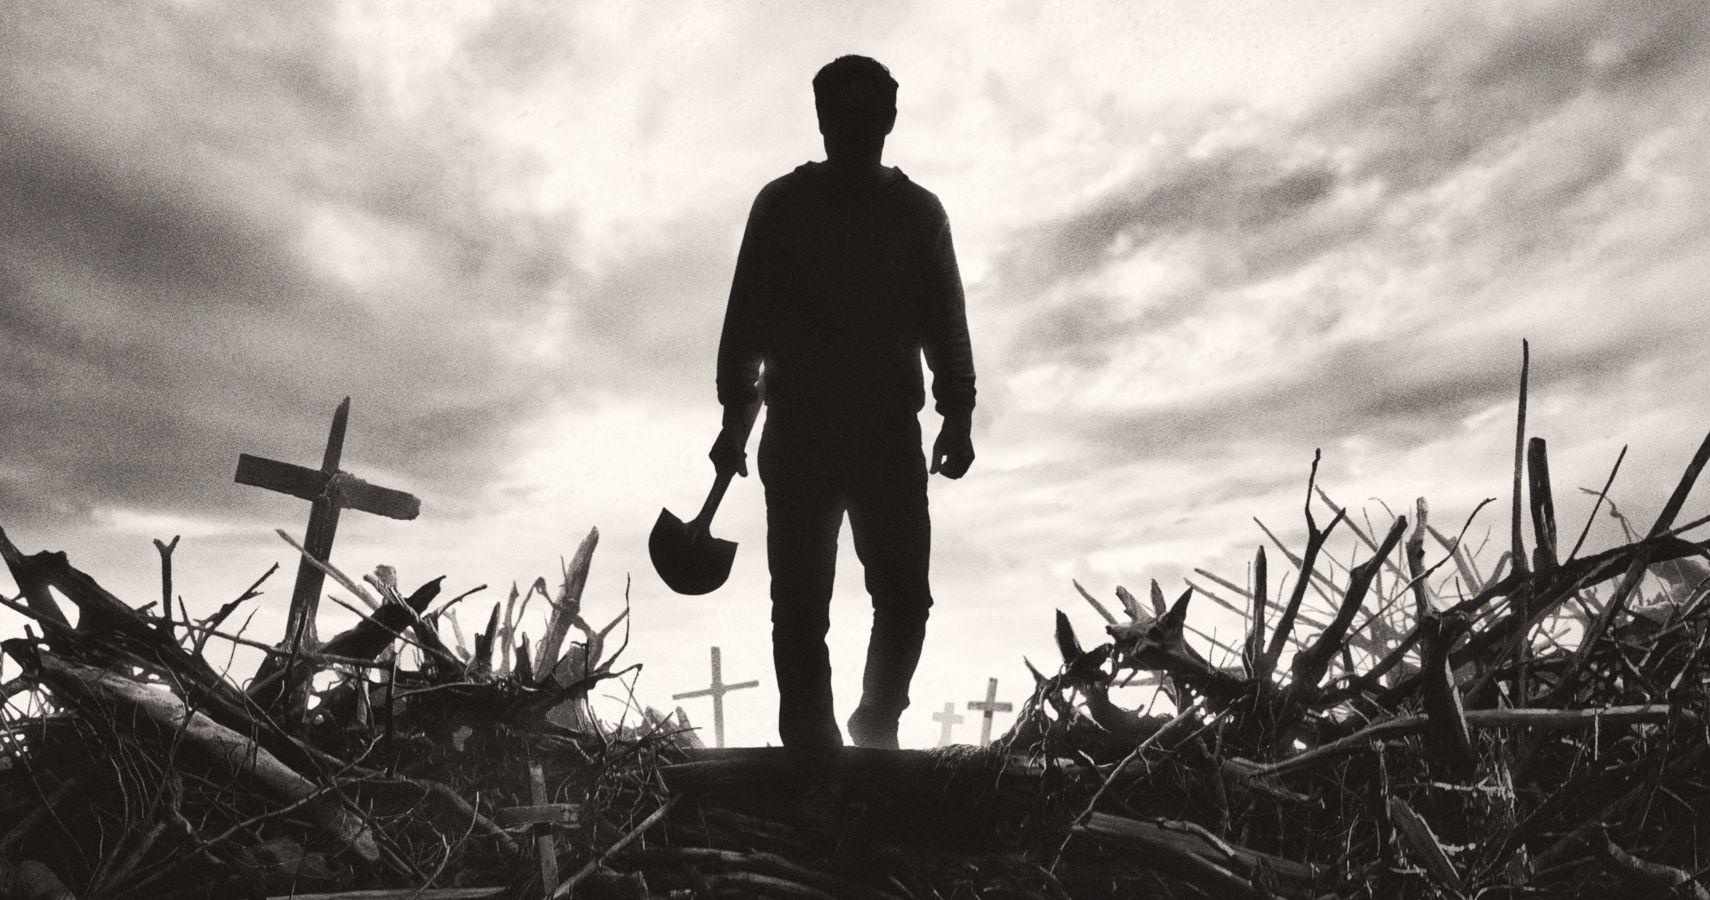 Лучшие хоррор фильмы – фильмы ужасов 2019 года, которые будут пугать по-настоящему